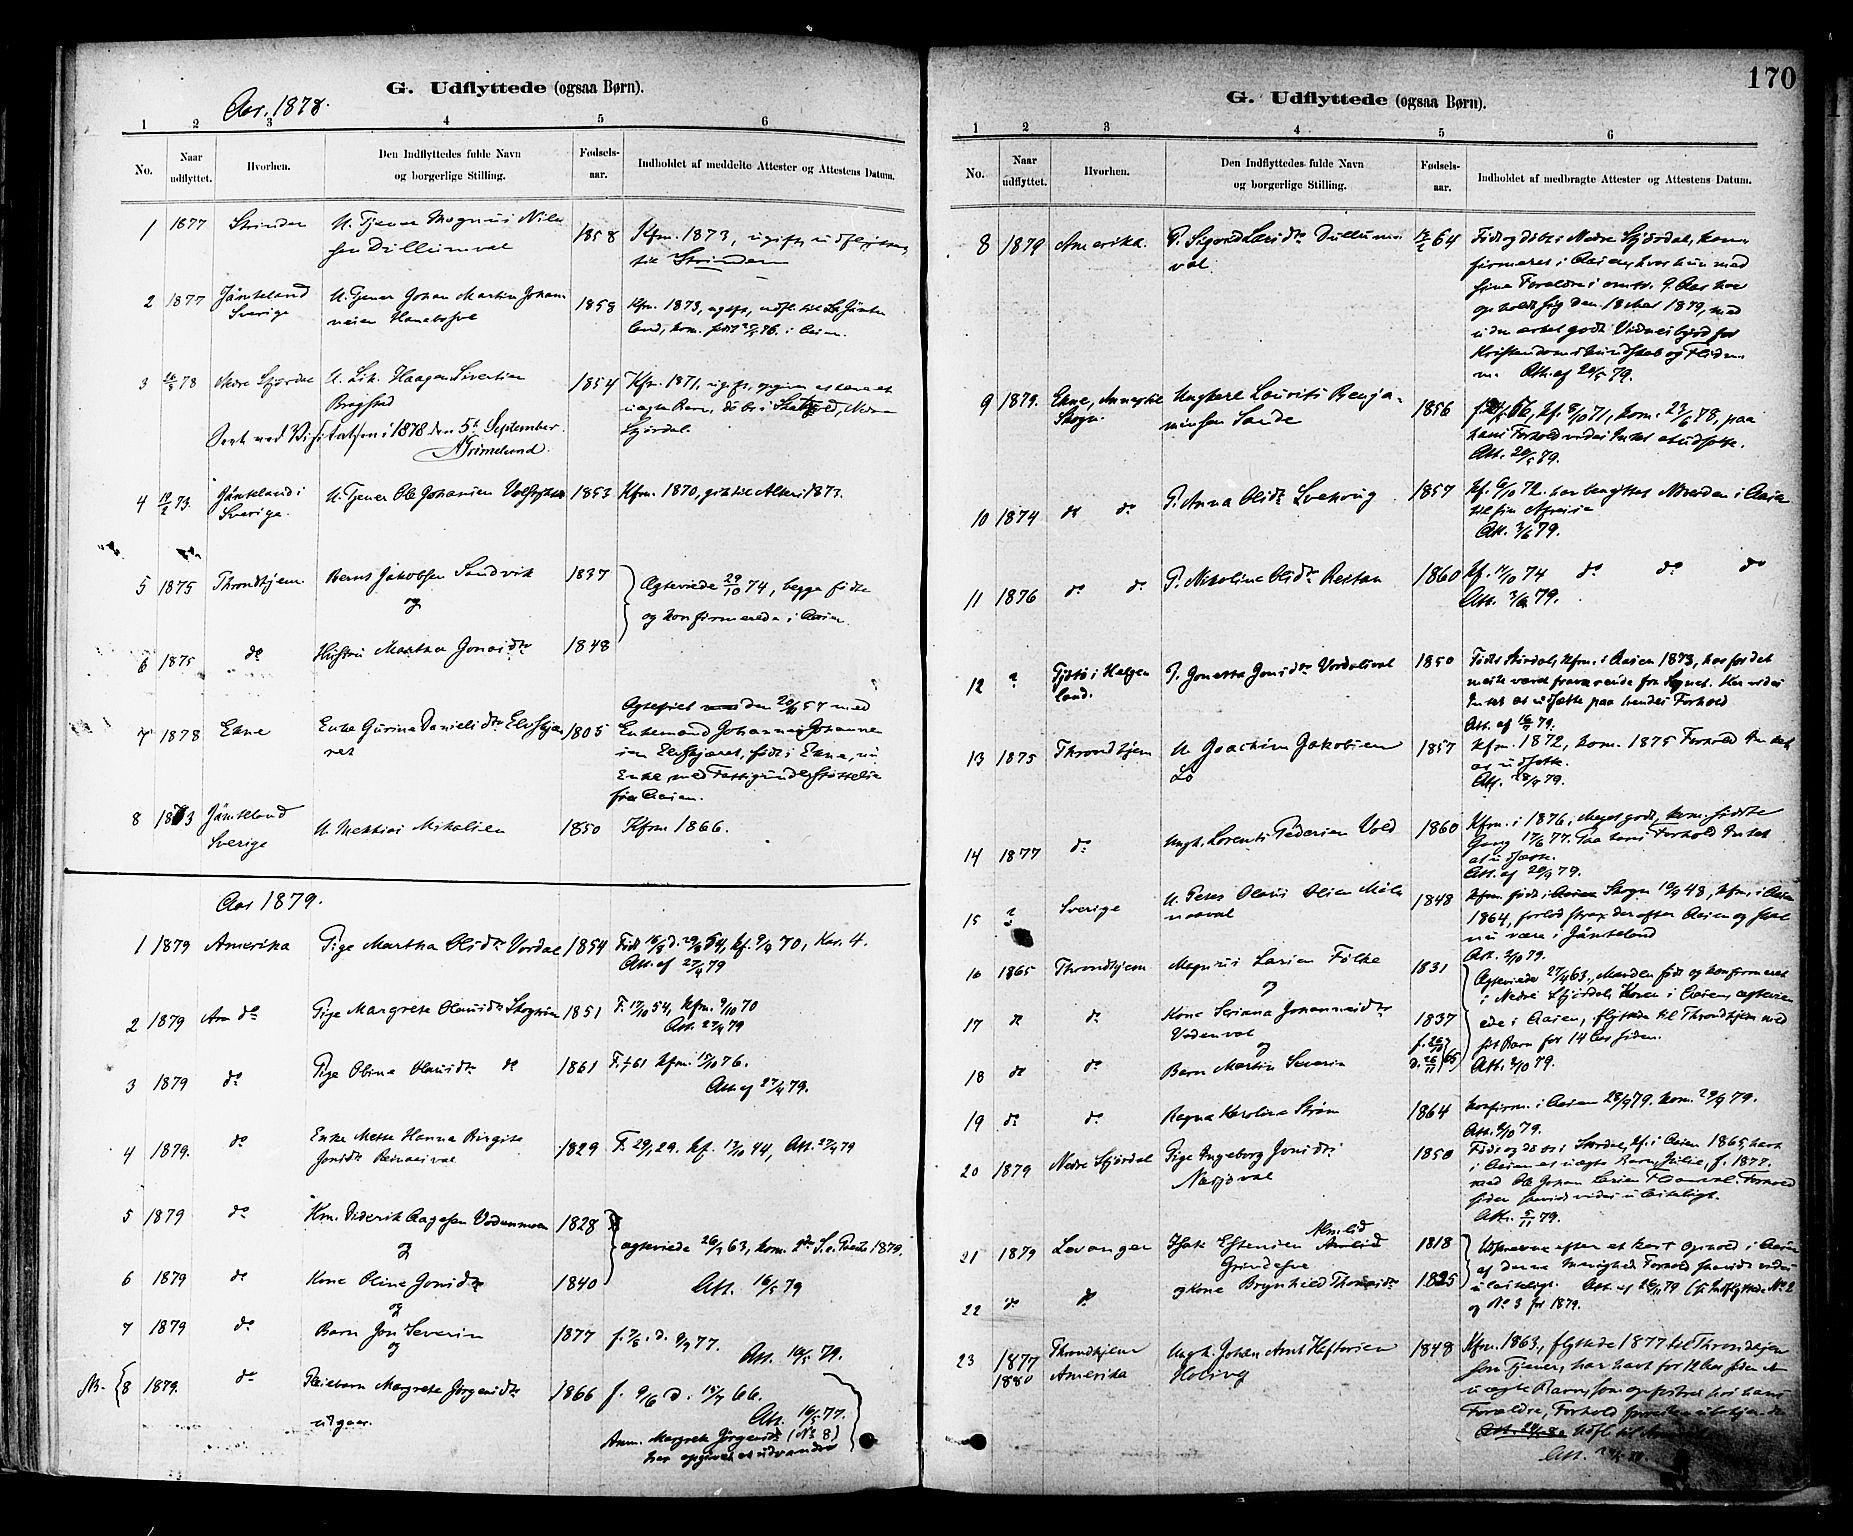 SAT, Ministerialprotokoller, klokkerbøker og fødselsregistre - Nord-Trøndelag, 714/L0130: Ministerialbok nr. 714A01, 1878-1895, s. 170